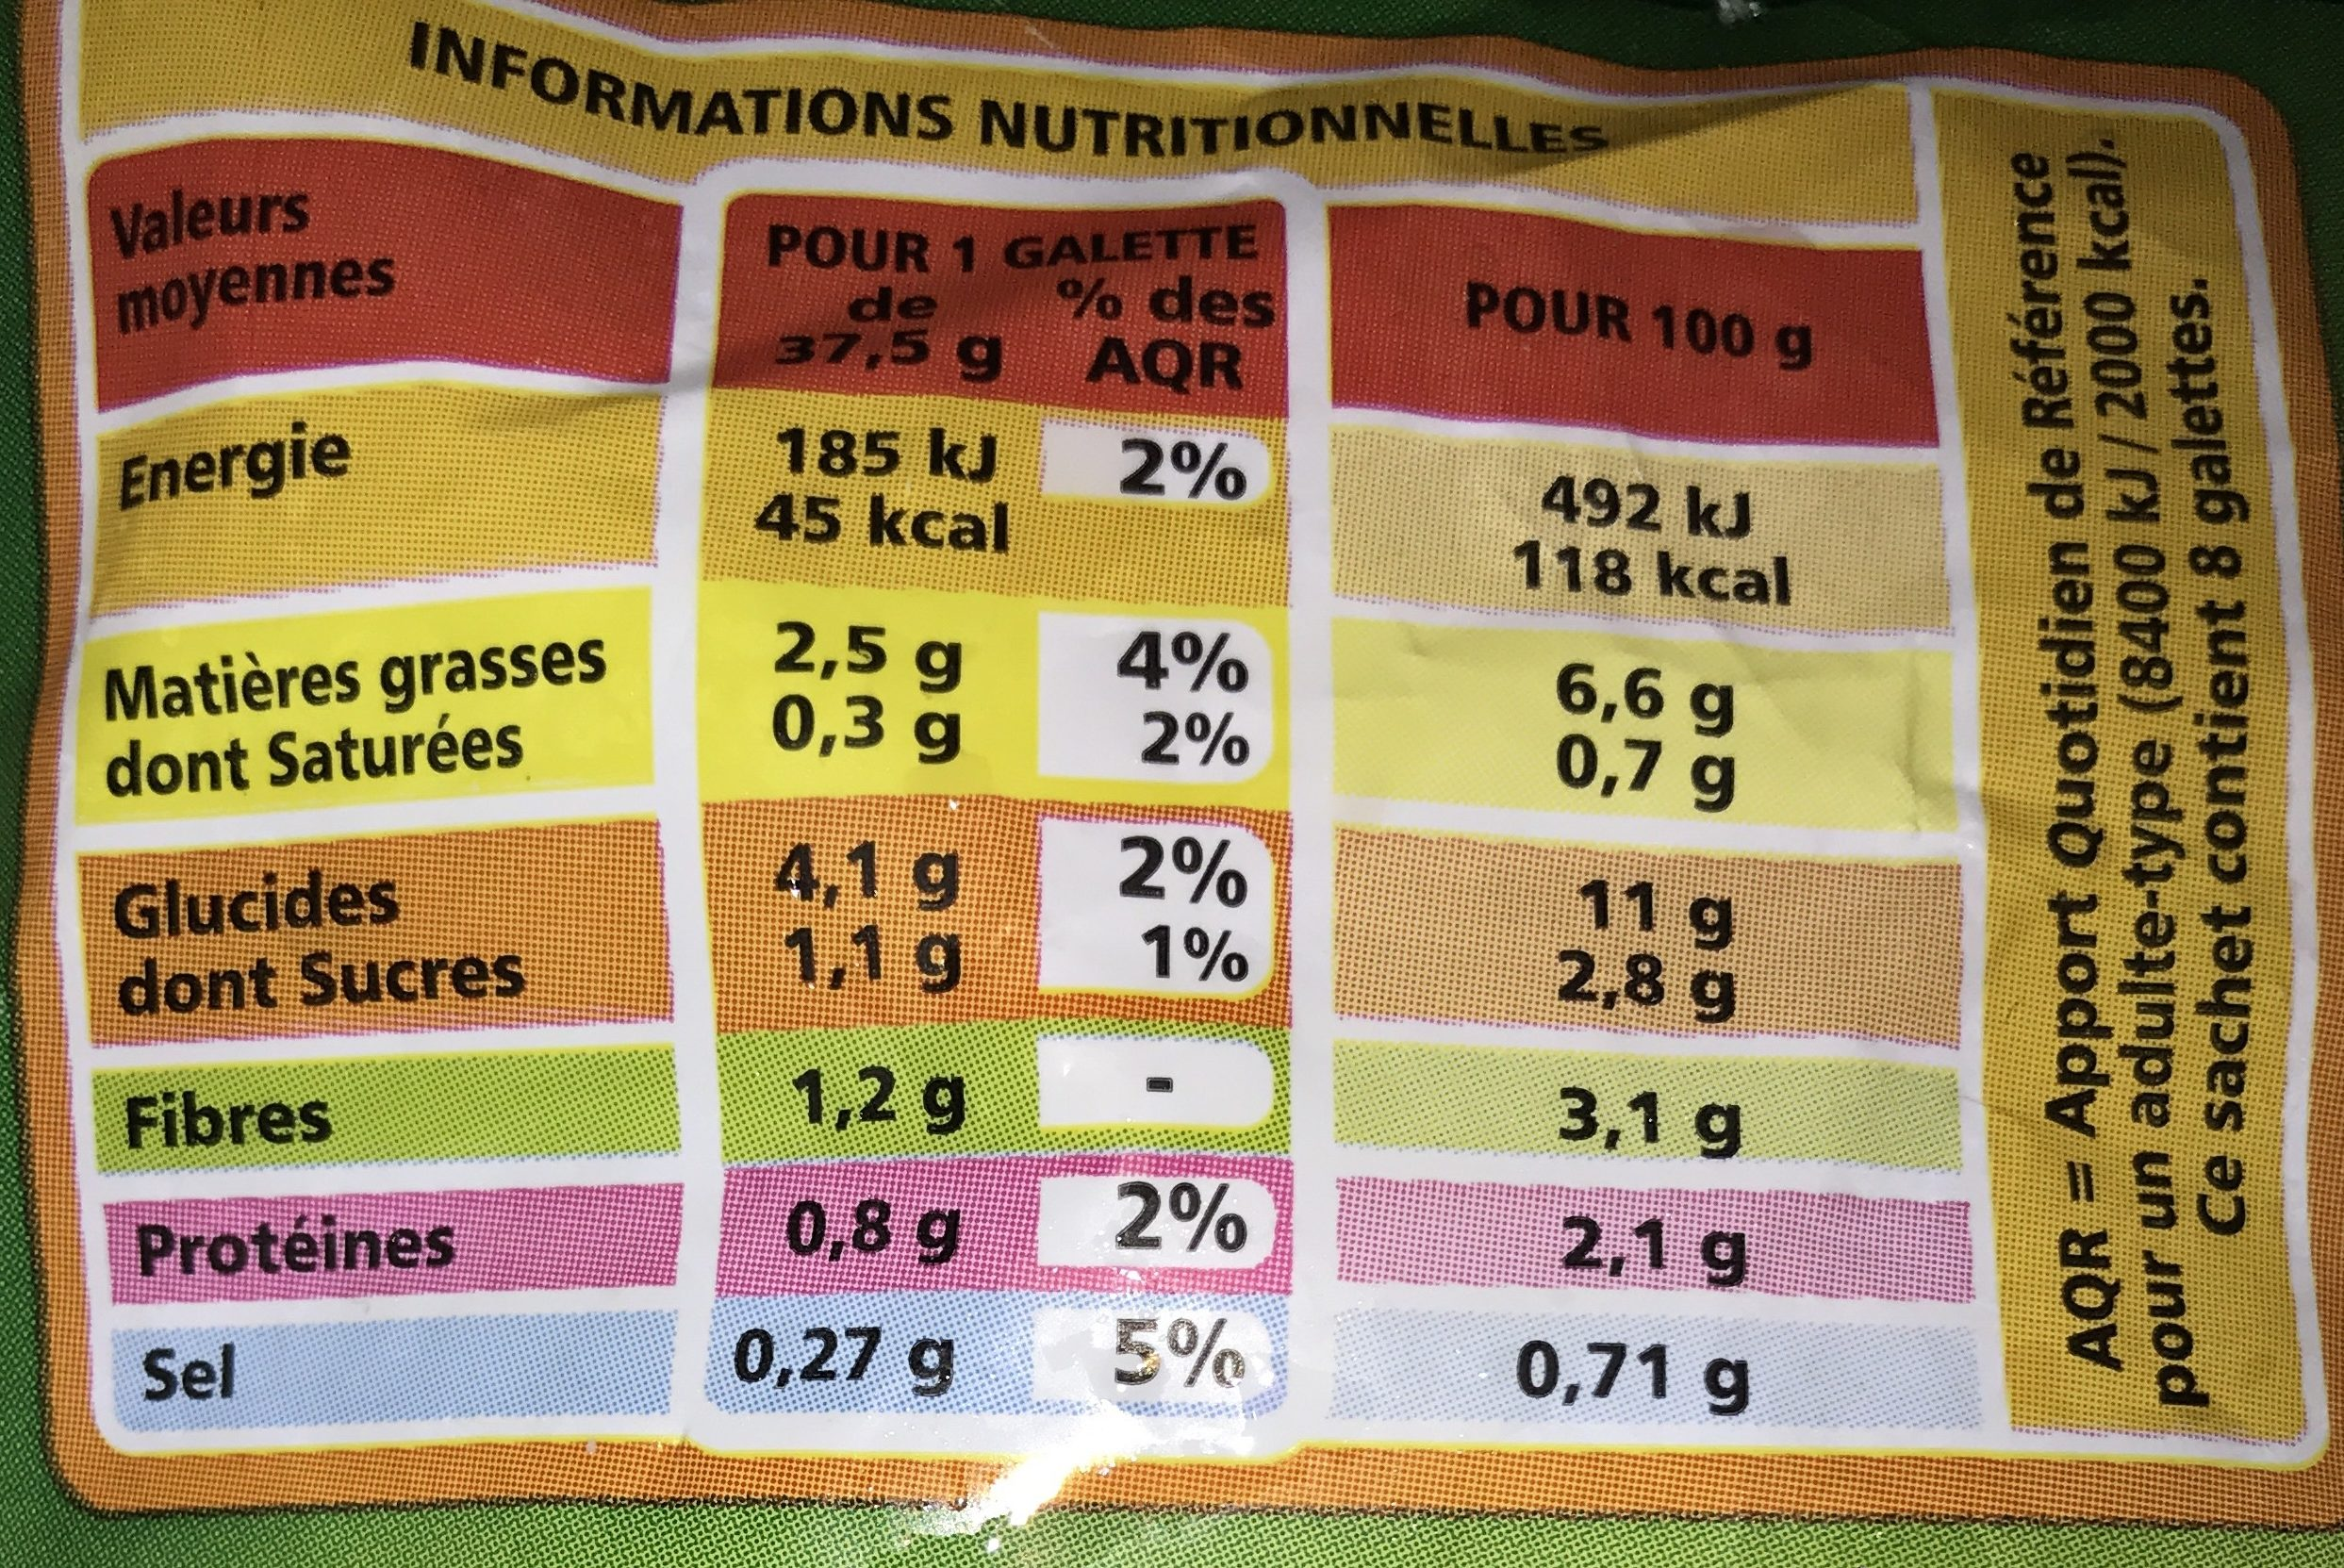 Galettes de légumes Poireaux - carottes - pommes de terre - Nutrition facts